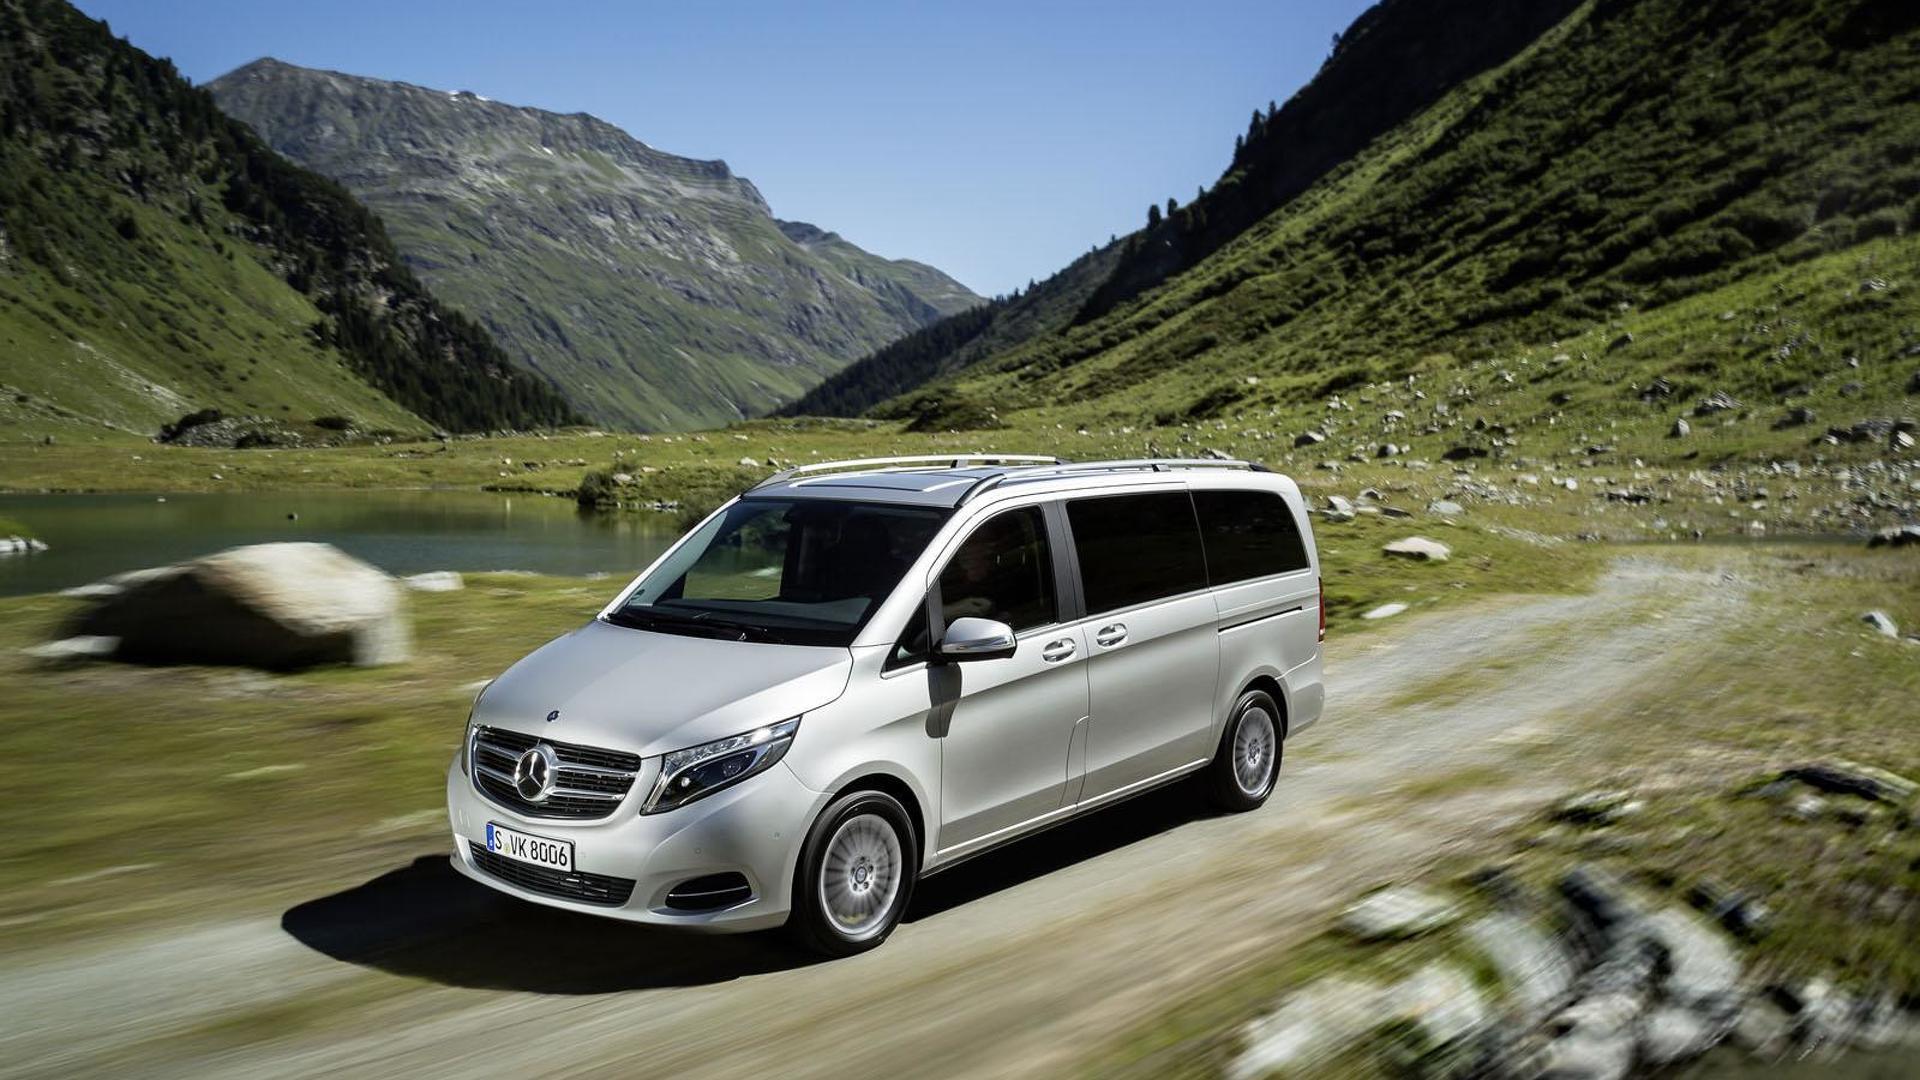 Полноприводный минивэн Mercedes-Benz V-Class 4Matic нового поколения